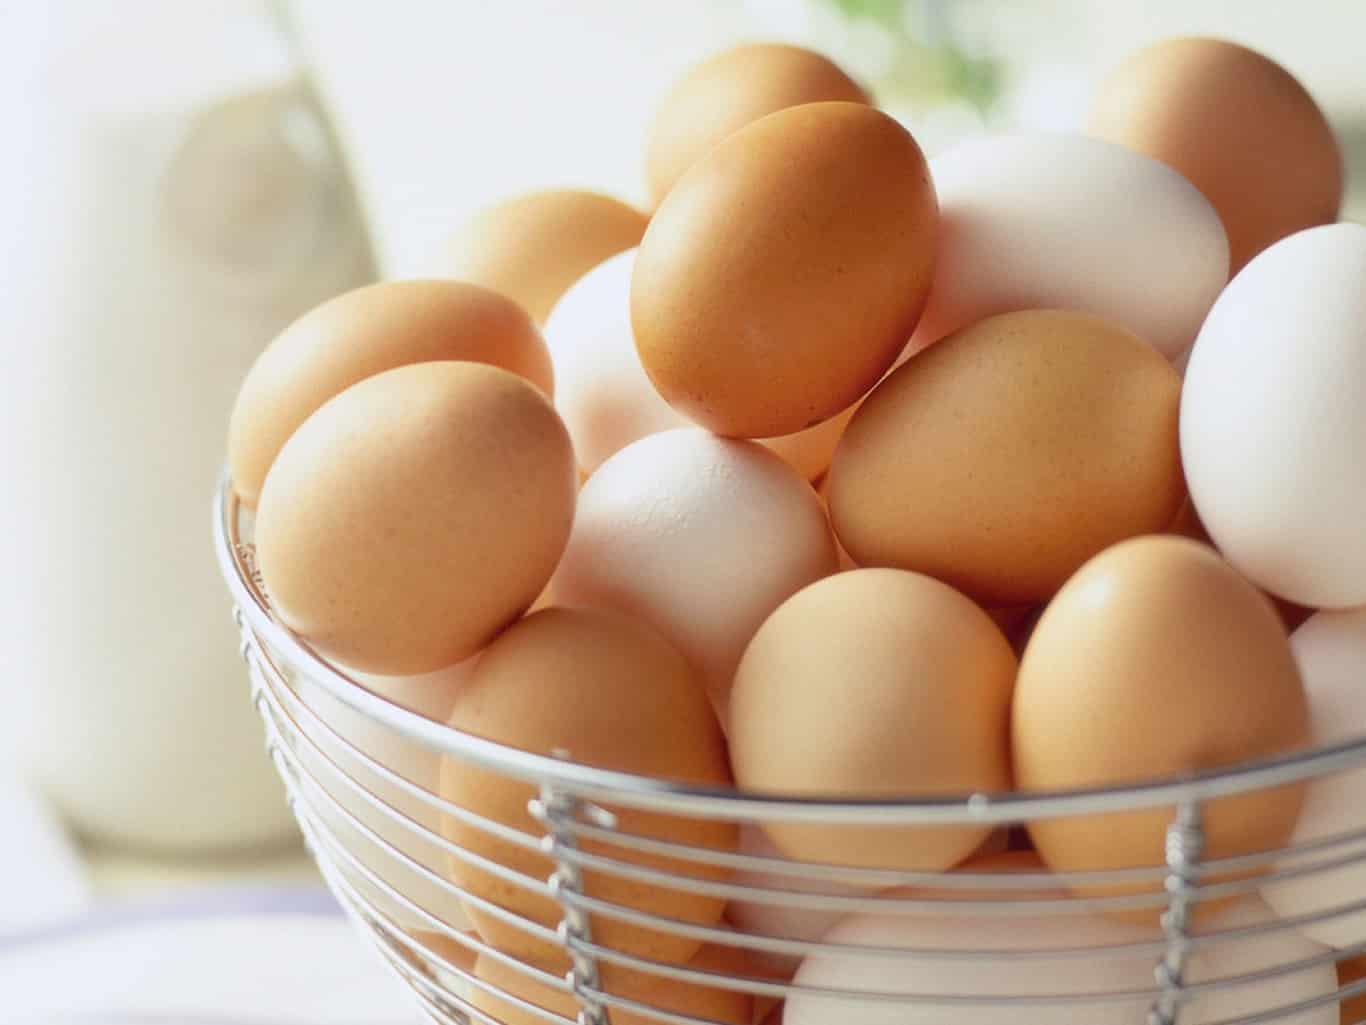 Что будет с организмом, если есть яйца каждый день